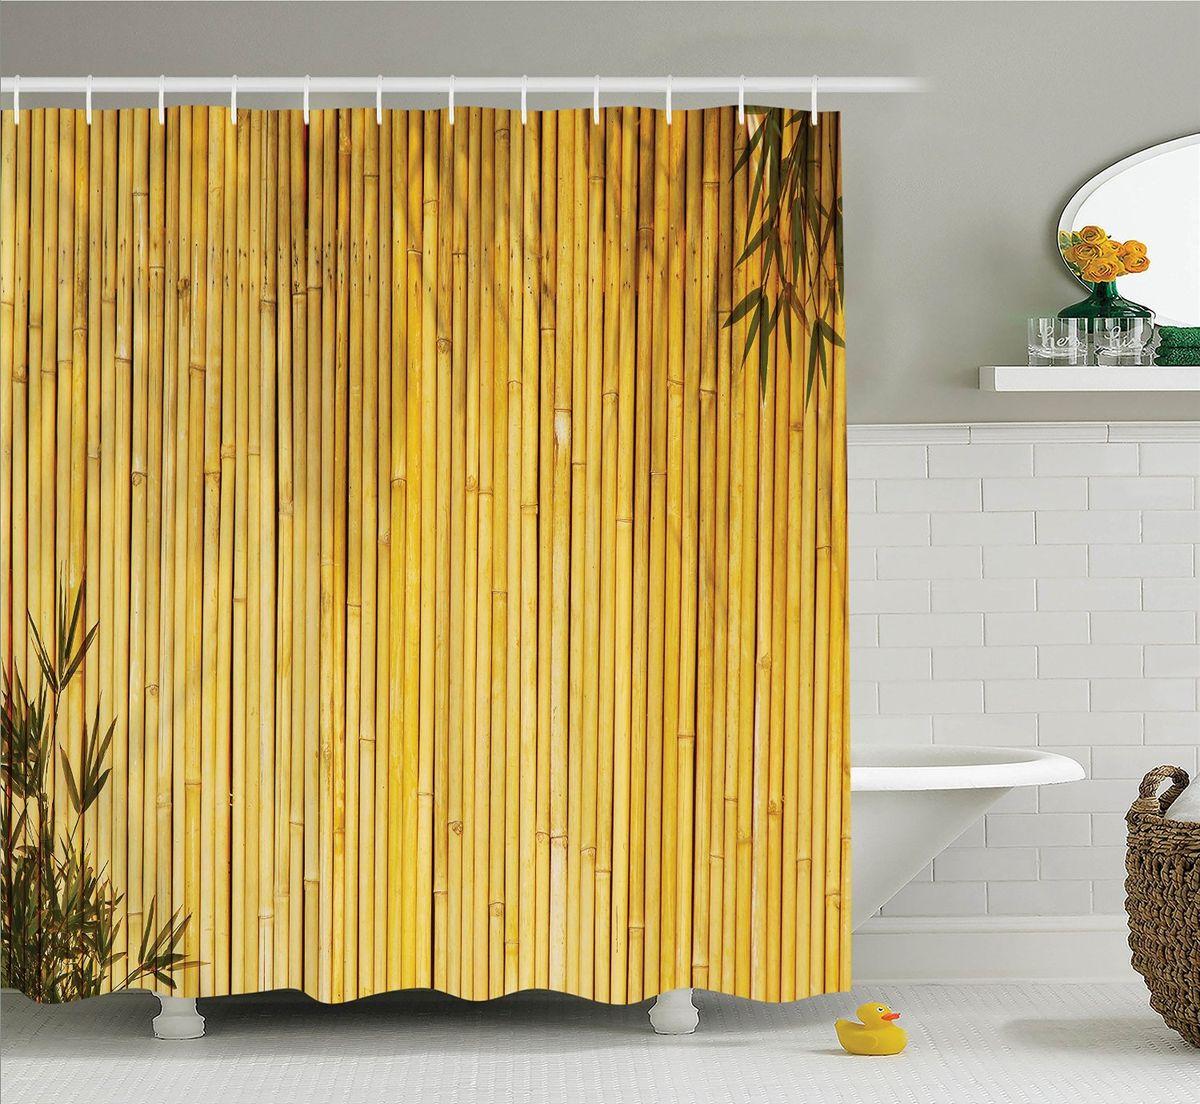 Штора для ванной комнаты Magic Lady Стена бамбука, 180 х 200 смшв_12217Штора Magic Lady Стена бамбука, изготовленная из высококачественного сатена (полиэстер 100%), отлично дополнит любой интерьер ванной комнаты. При изготовлении используются специальные гипоаллергенные чернила для прямой печати по ткани, безопасные для человека.В комплекте: 1 штора, 12 крючков. Обращаем ваше внимание, фактический цвет изделия может незначительно отличаться от представленного на фото.